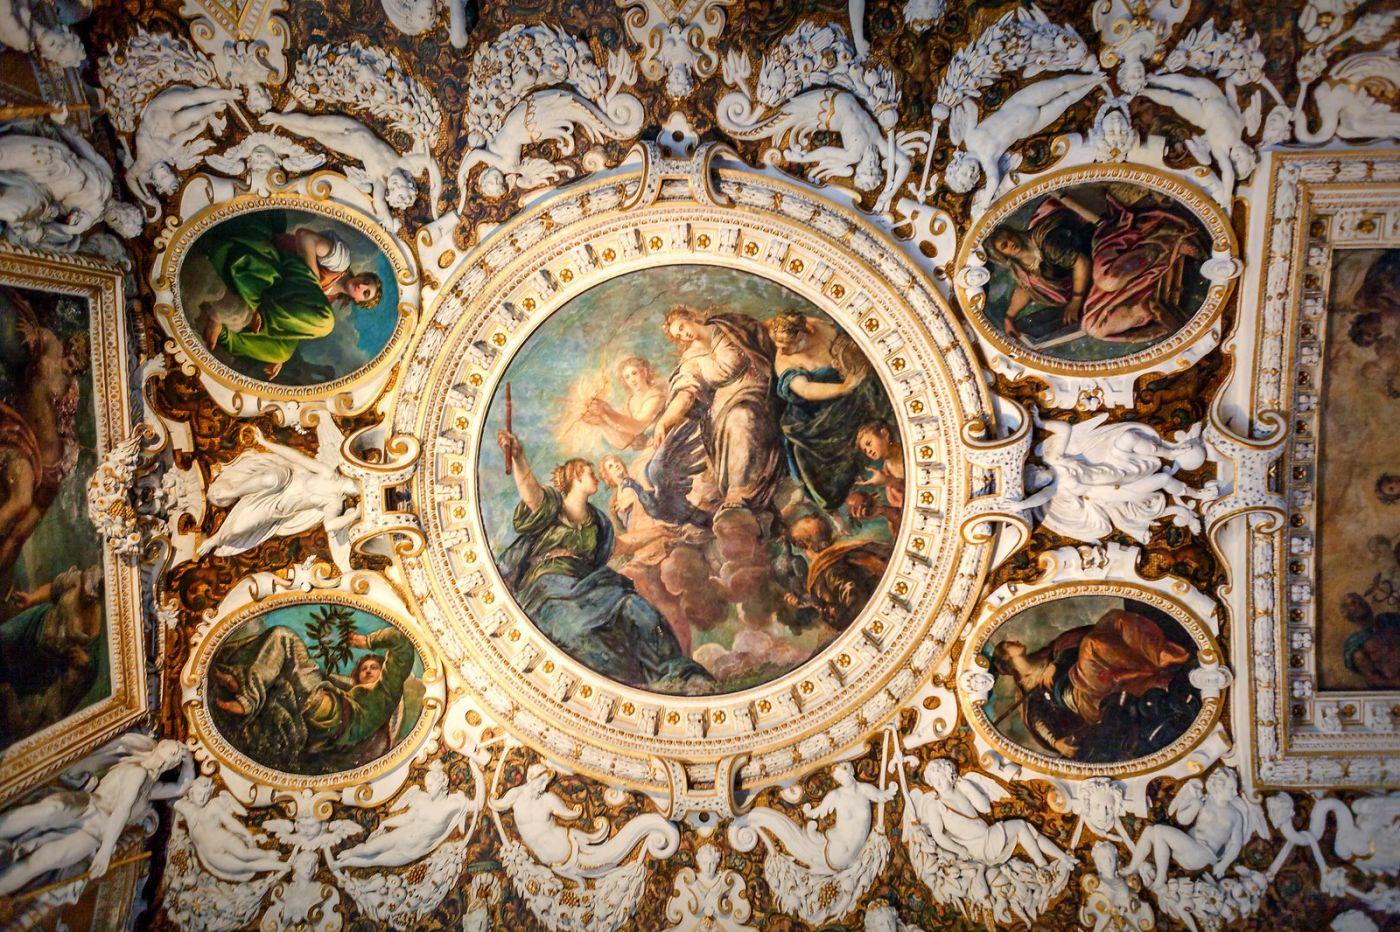 威尼斯圣马可大教堂(St Mark's Basilica), 精雕细琢的顶设_图1-7